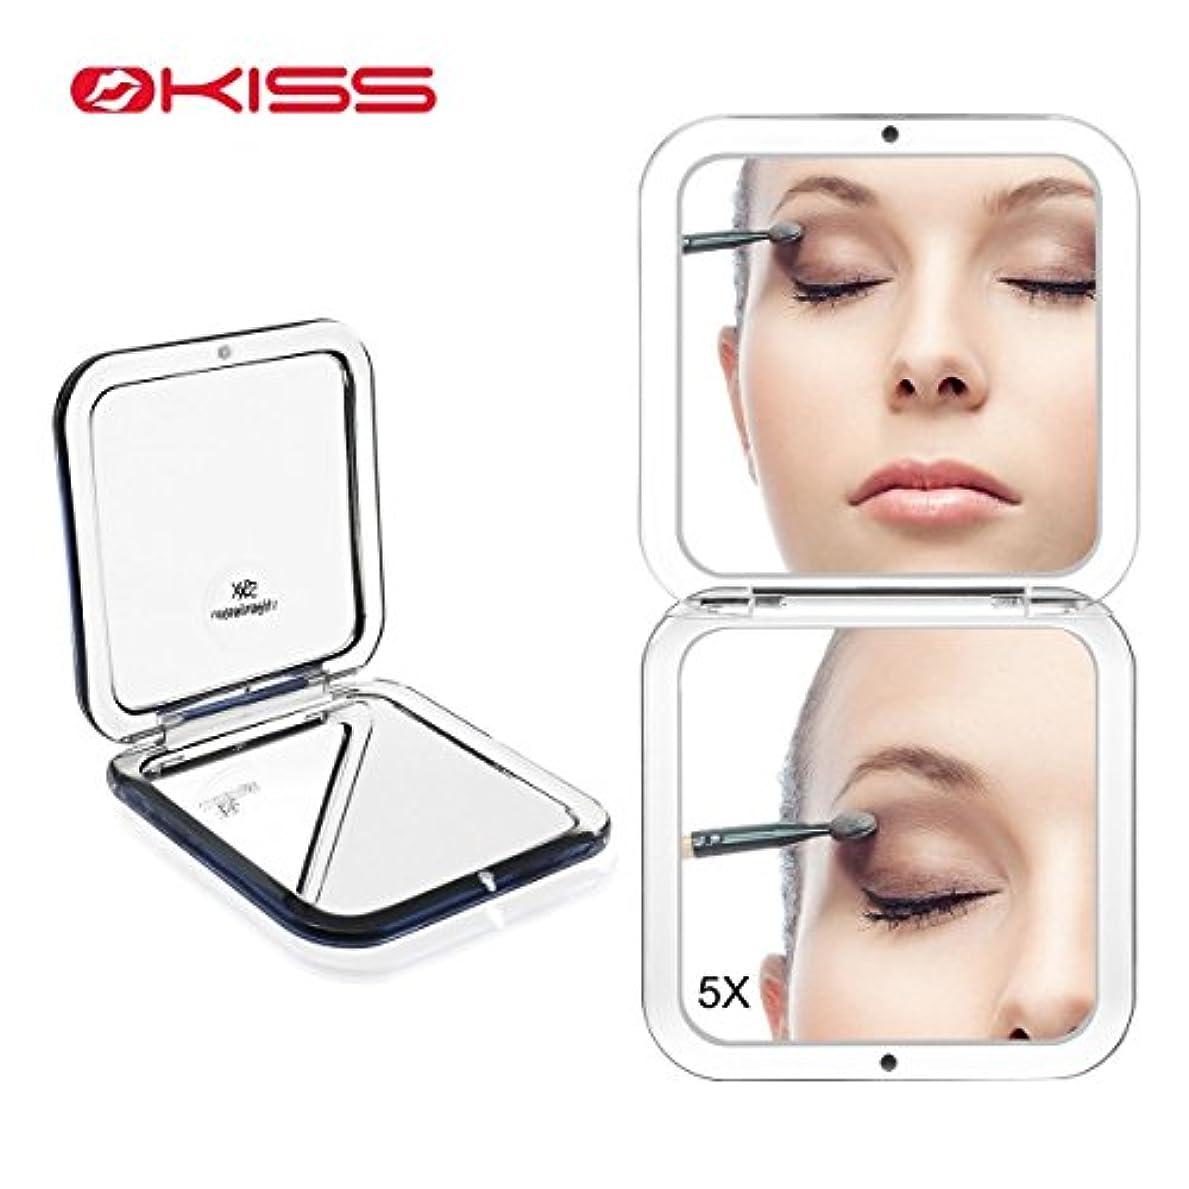 医学居住者許容できるOKISS ハンドミラー 手鏡 メンズ コンパクトミラー 化粧鏡 ミラー 5倍拡大鏡+等倍鏡 両面 メンズ 携帯ミラー 折りたたみ おしゃれ 外出 持ち運び便利